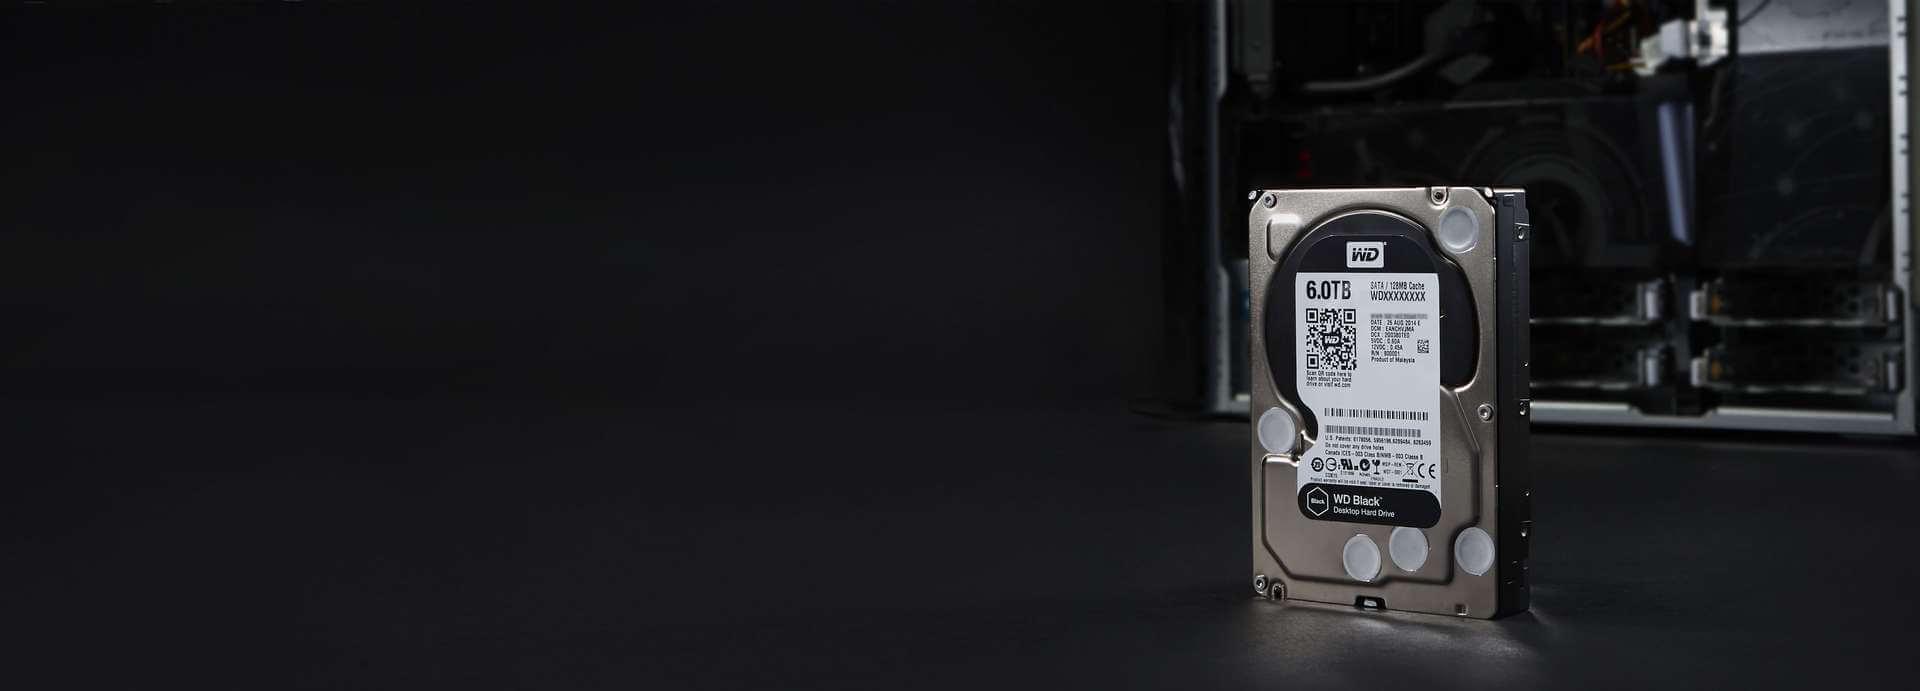 hdd wd black 1tb ssdbazar 4 - Western Digital HDD Black 2TB هارد دیسک وسترن دیجیتال